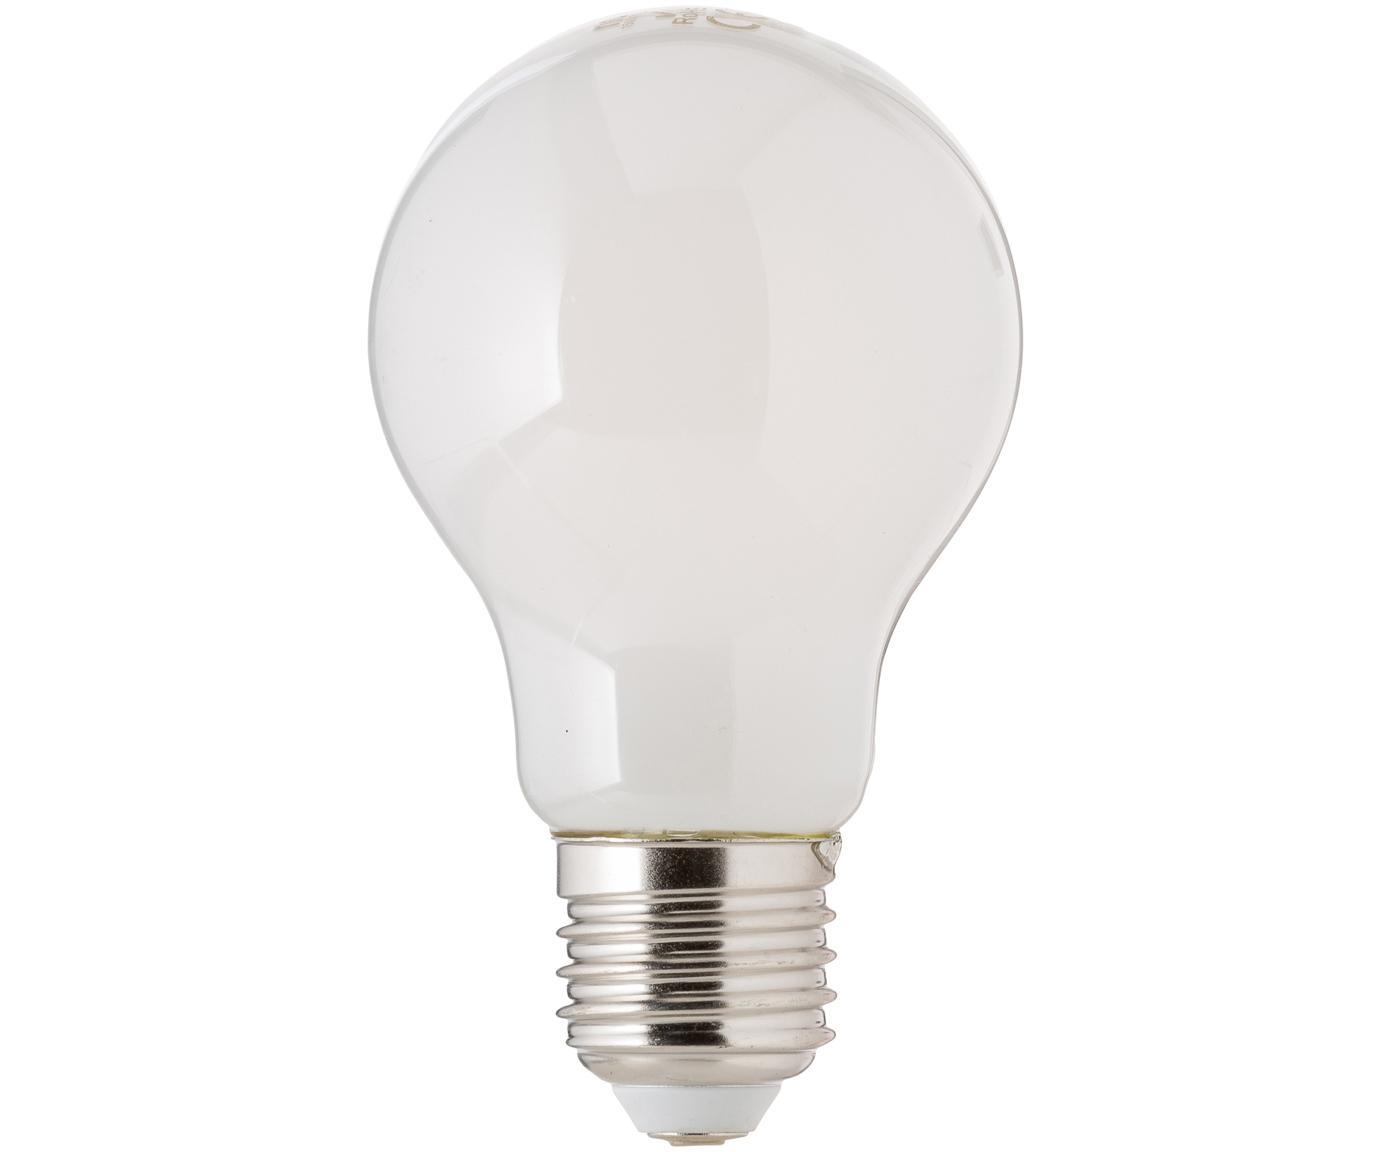 Bombilla Hael (E27/4W), Ampolla: vidrio opalino, Casquillo: aluminio, Blanco, Ø 8 x Al 10 cm